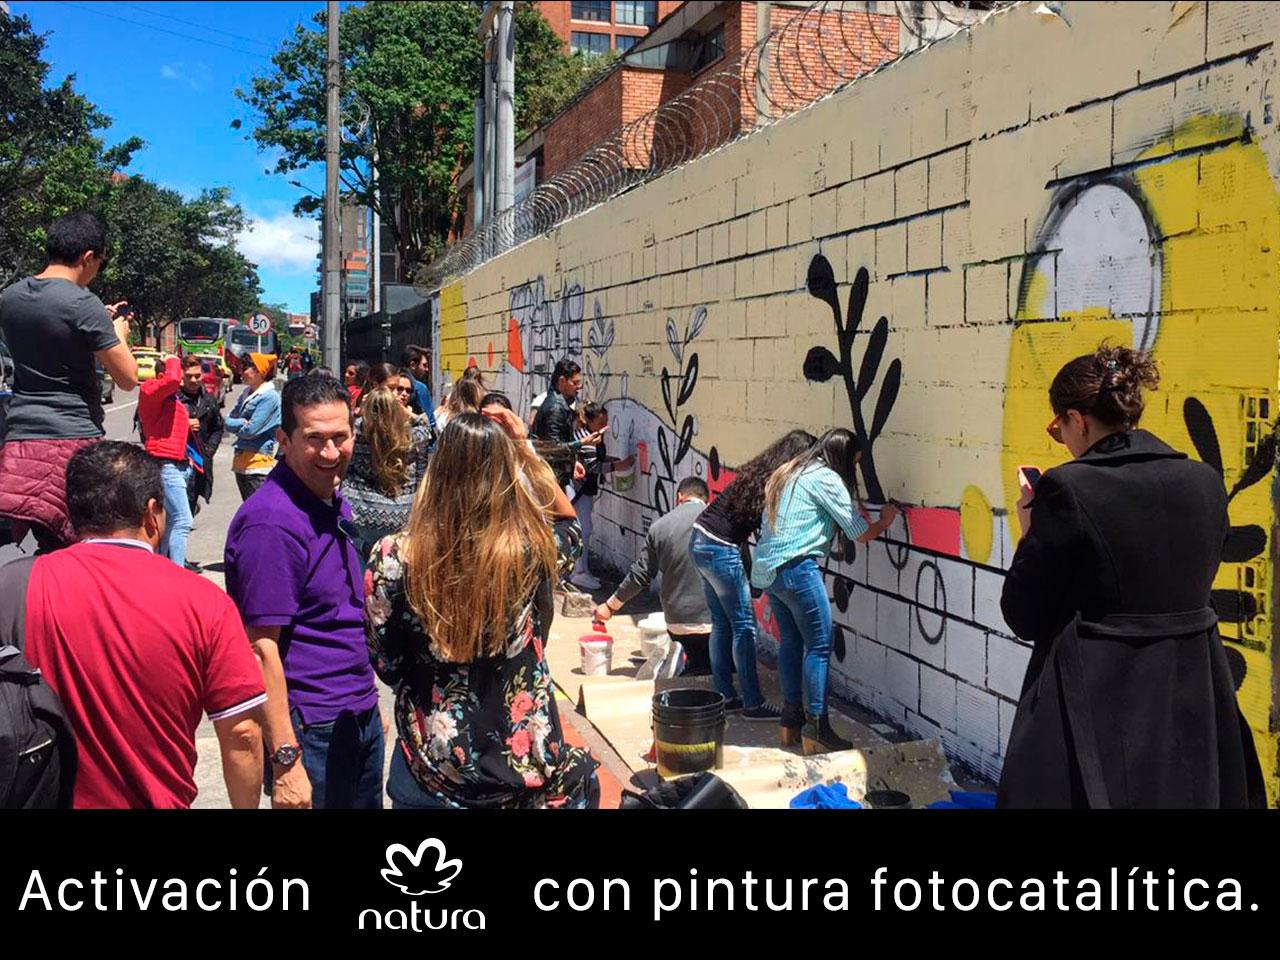 publicidad-BTL-slim-brands---natura-sustentable--mural-fotocatalitico-calle-85-con-7ma_1